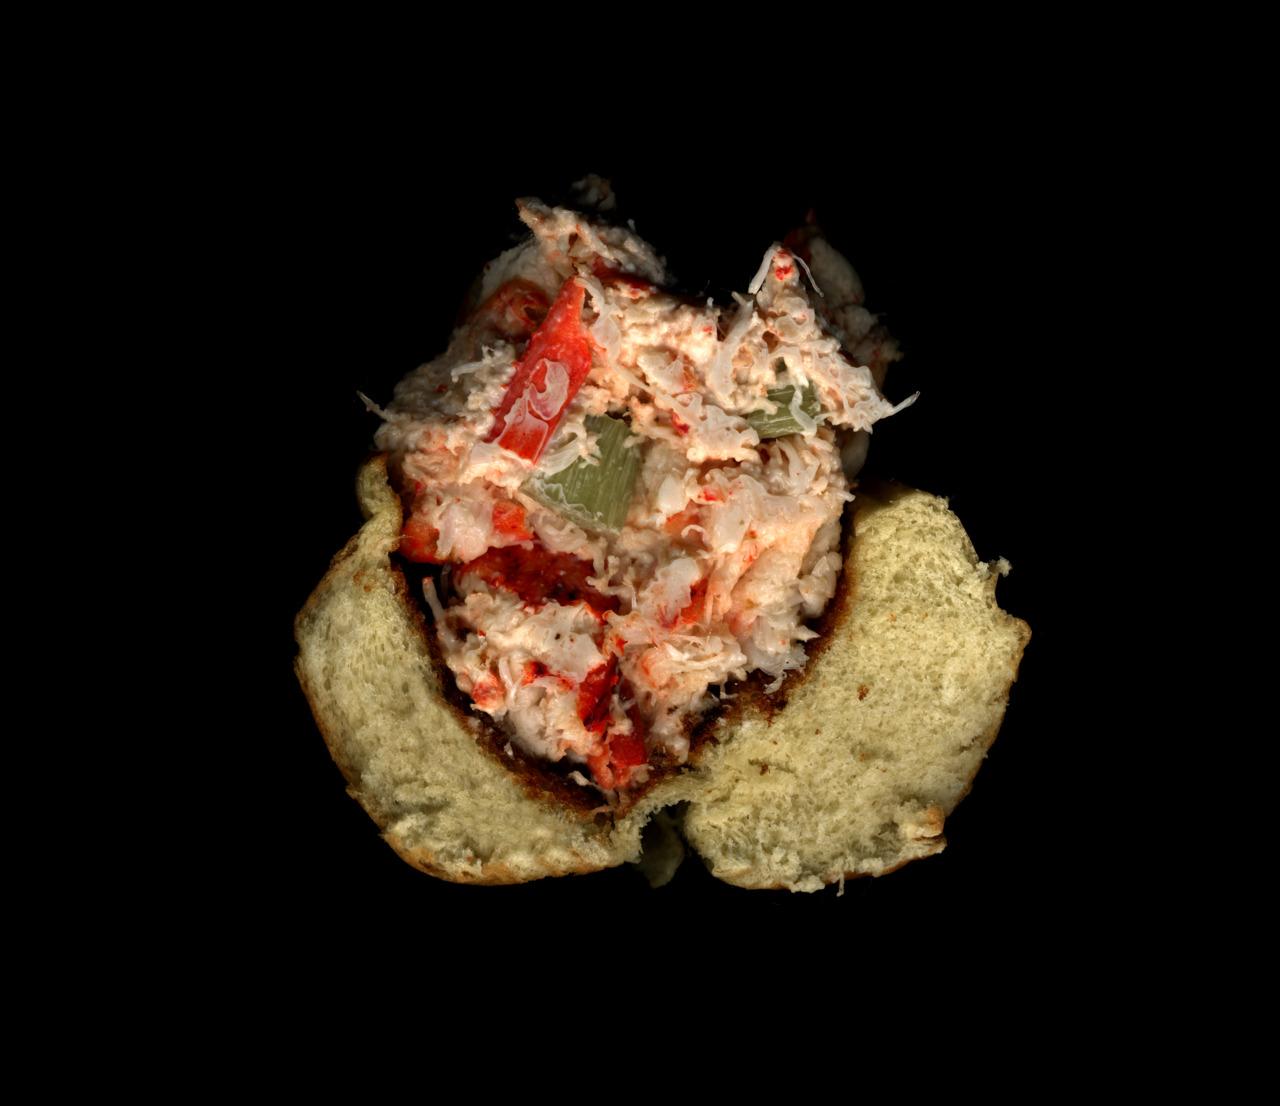 美味しそうなサンドウィッチの断面図7